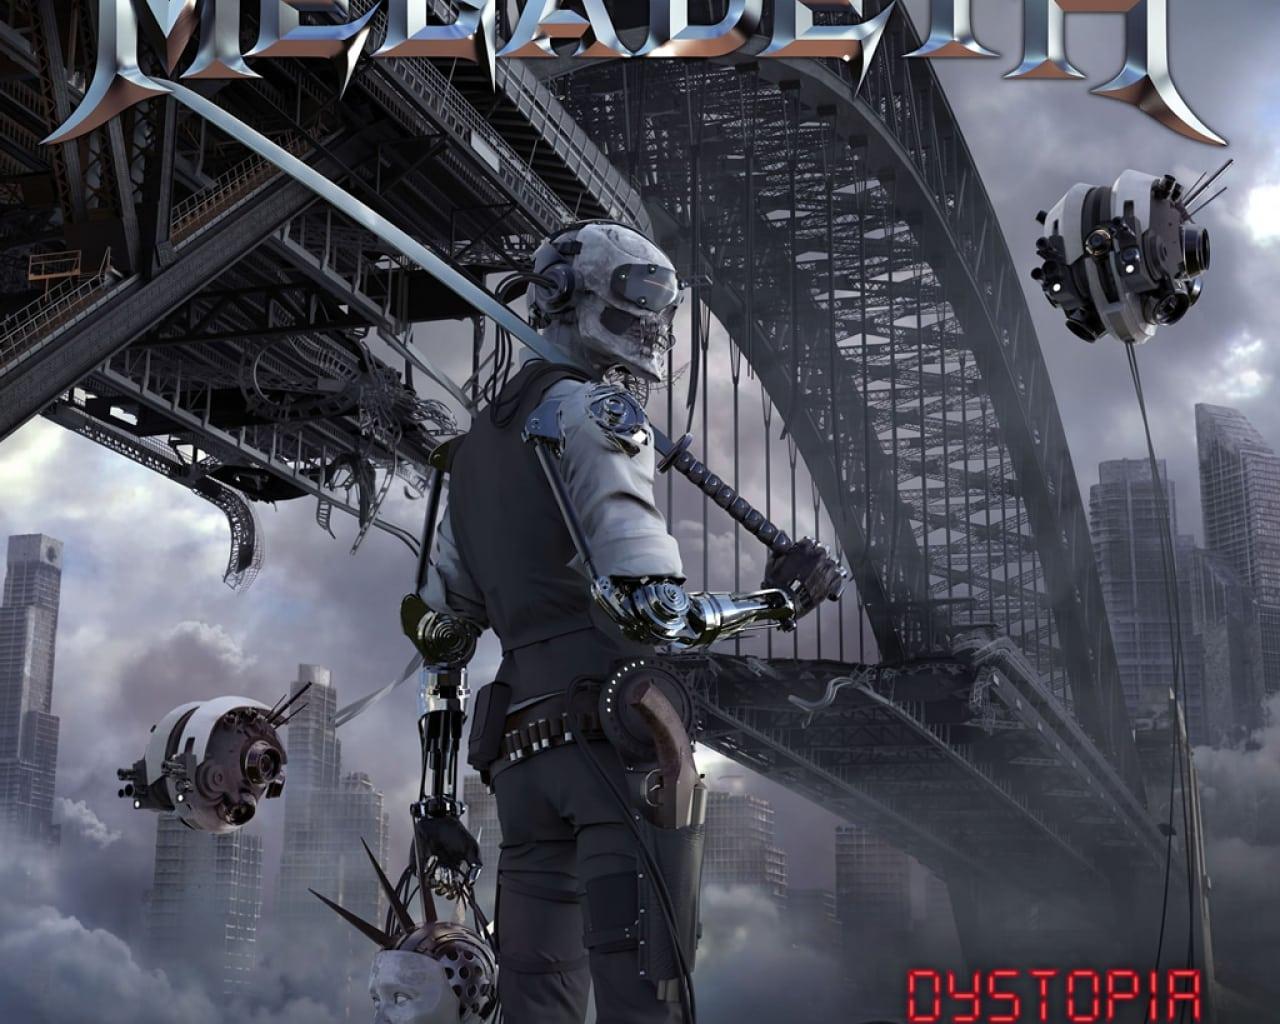 Megadeth i verdensklasse